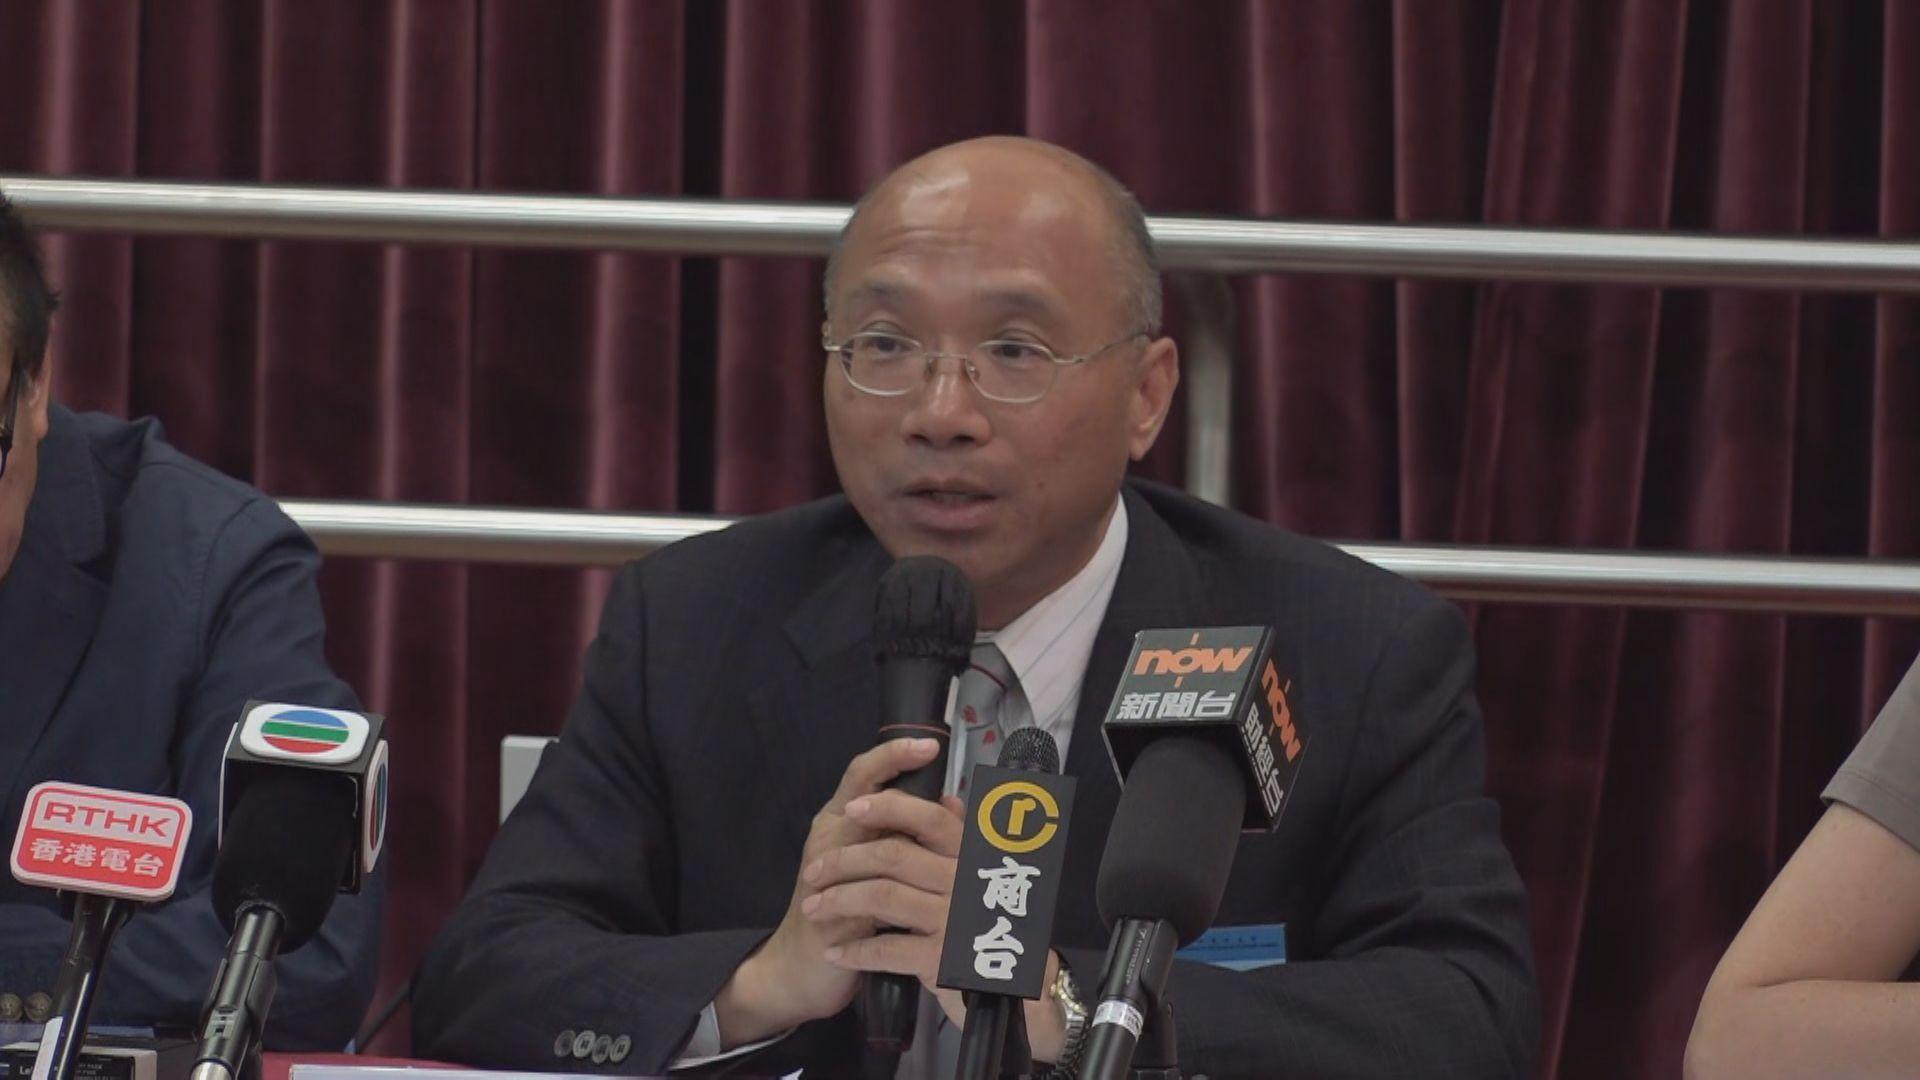 中學校長會促請政府宣布周四五繼續停課